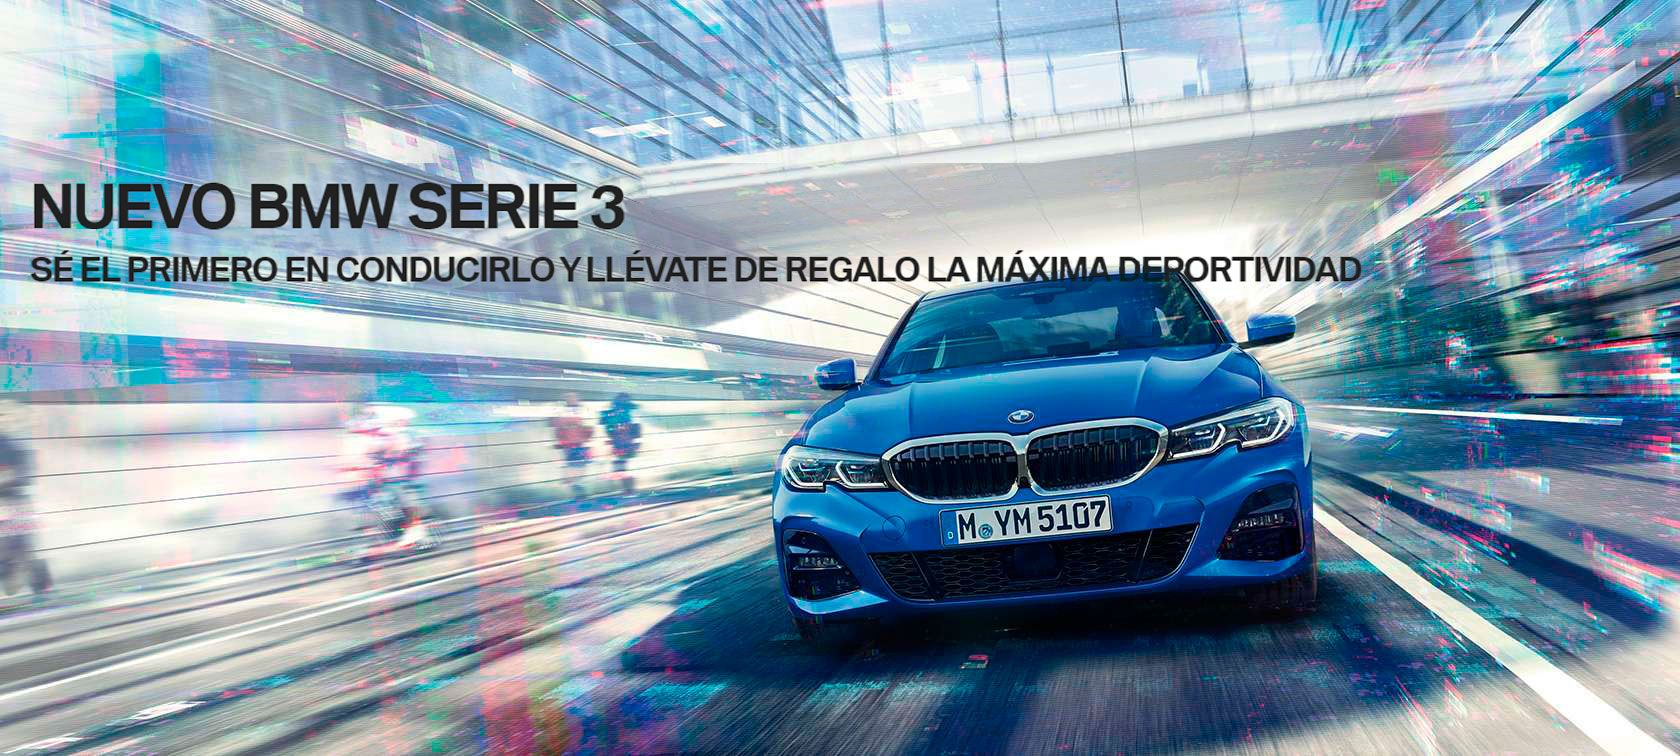 NEVO BMW SERIE 3